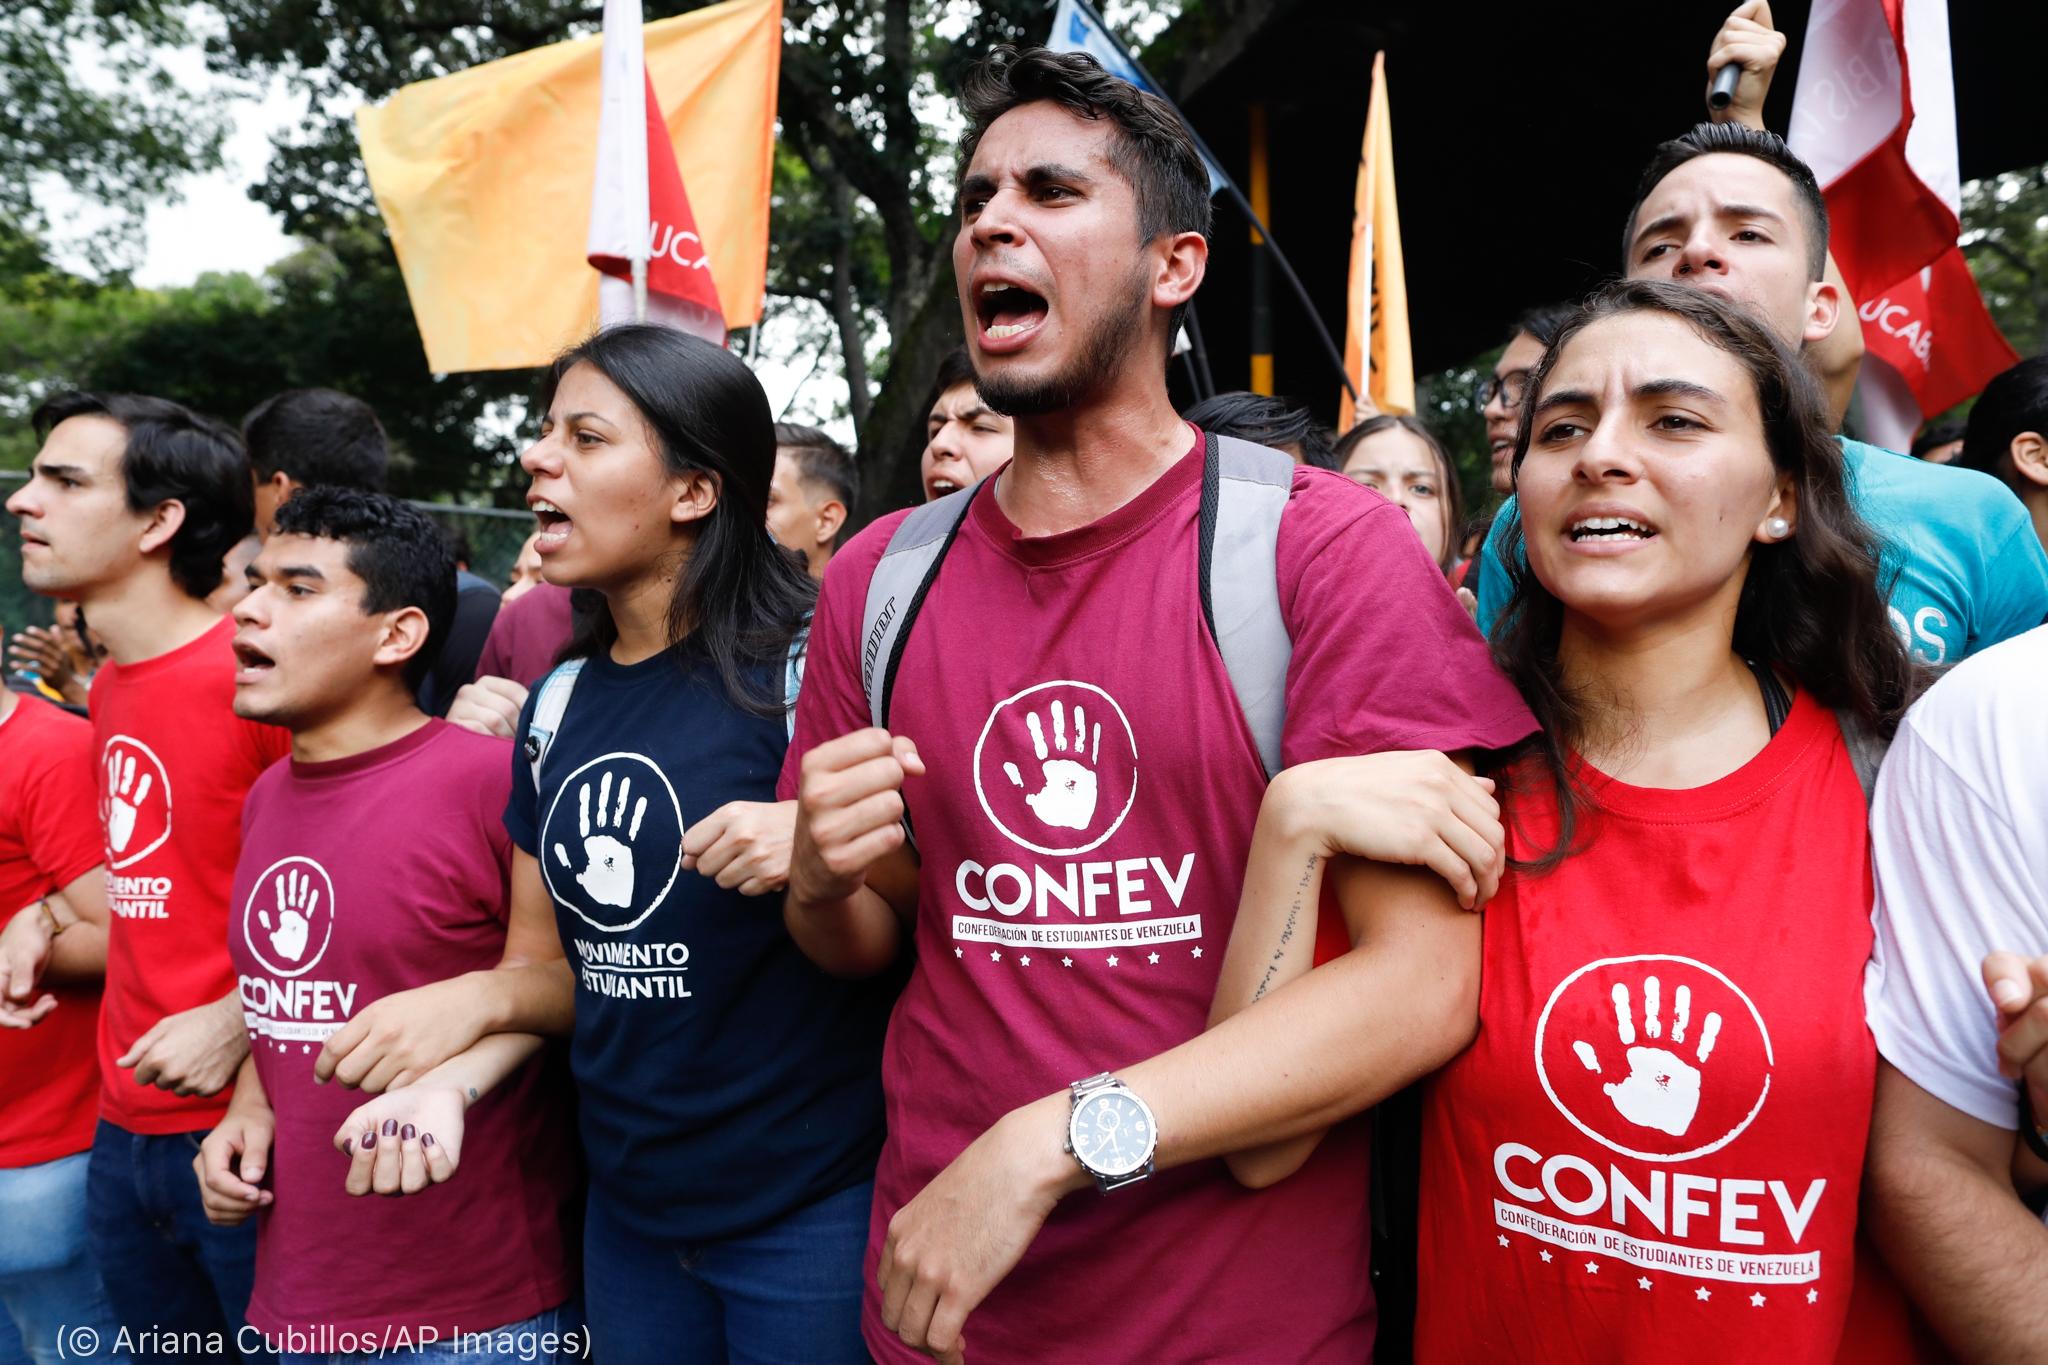 Jovens em pé protestam de braços dados (© Ariana Cubillos/AP Images)